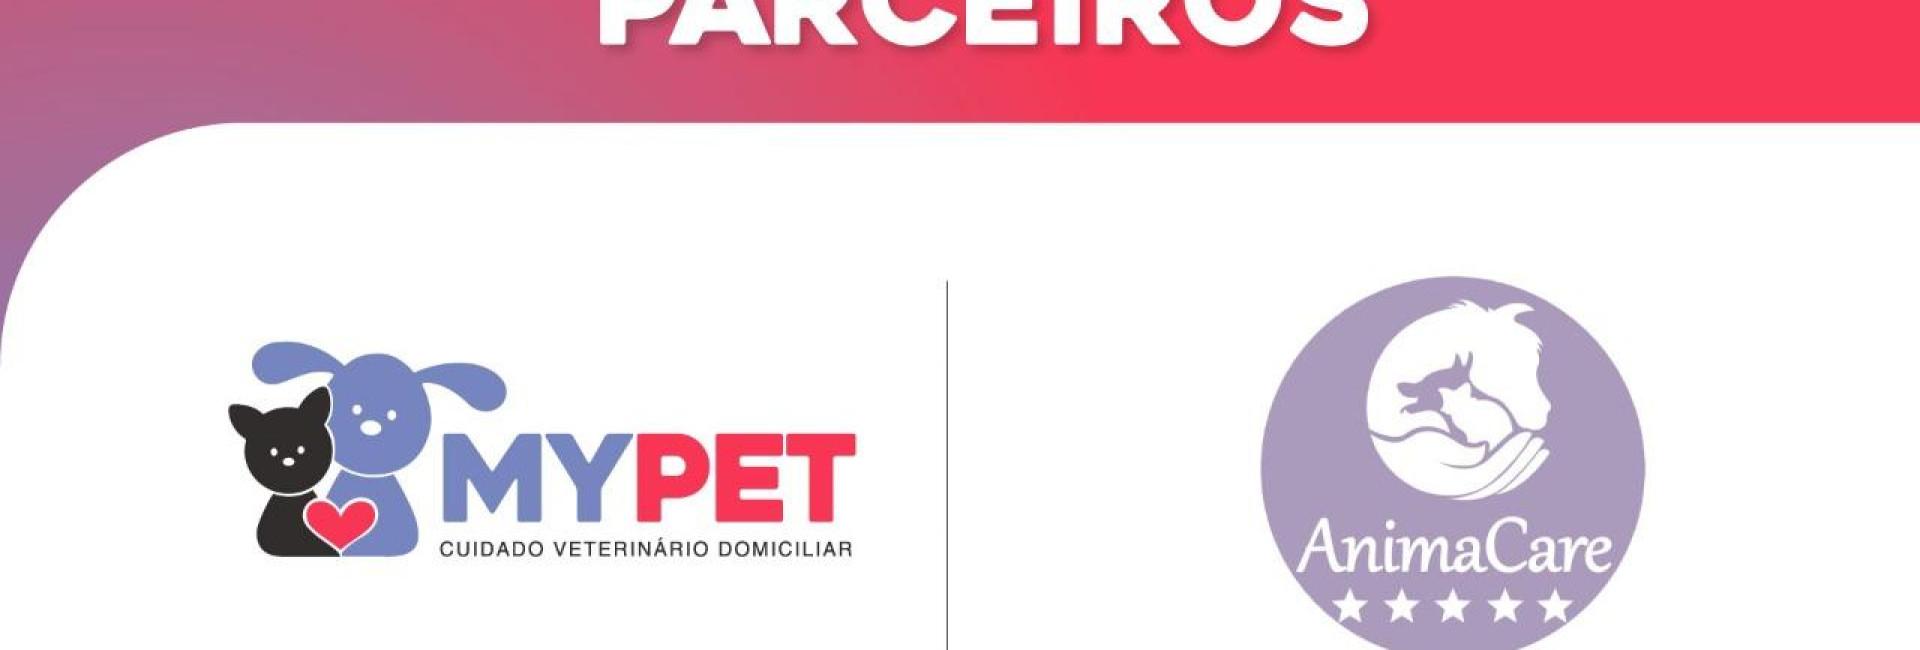 AnimaCare e MyPet: uma parceria em busca do bem-estar do seu bichinho